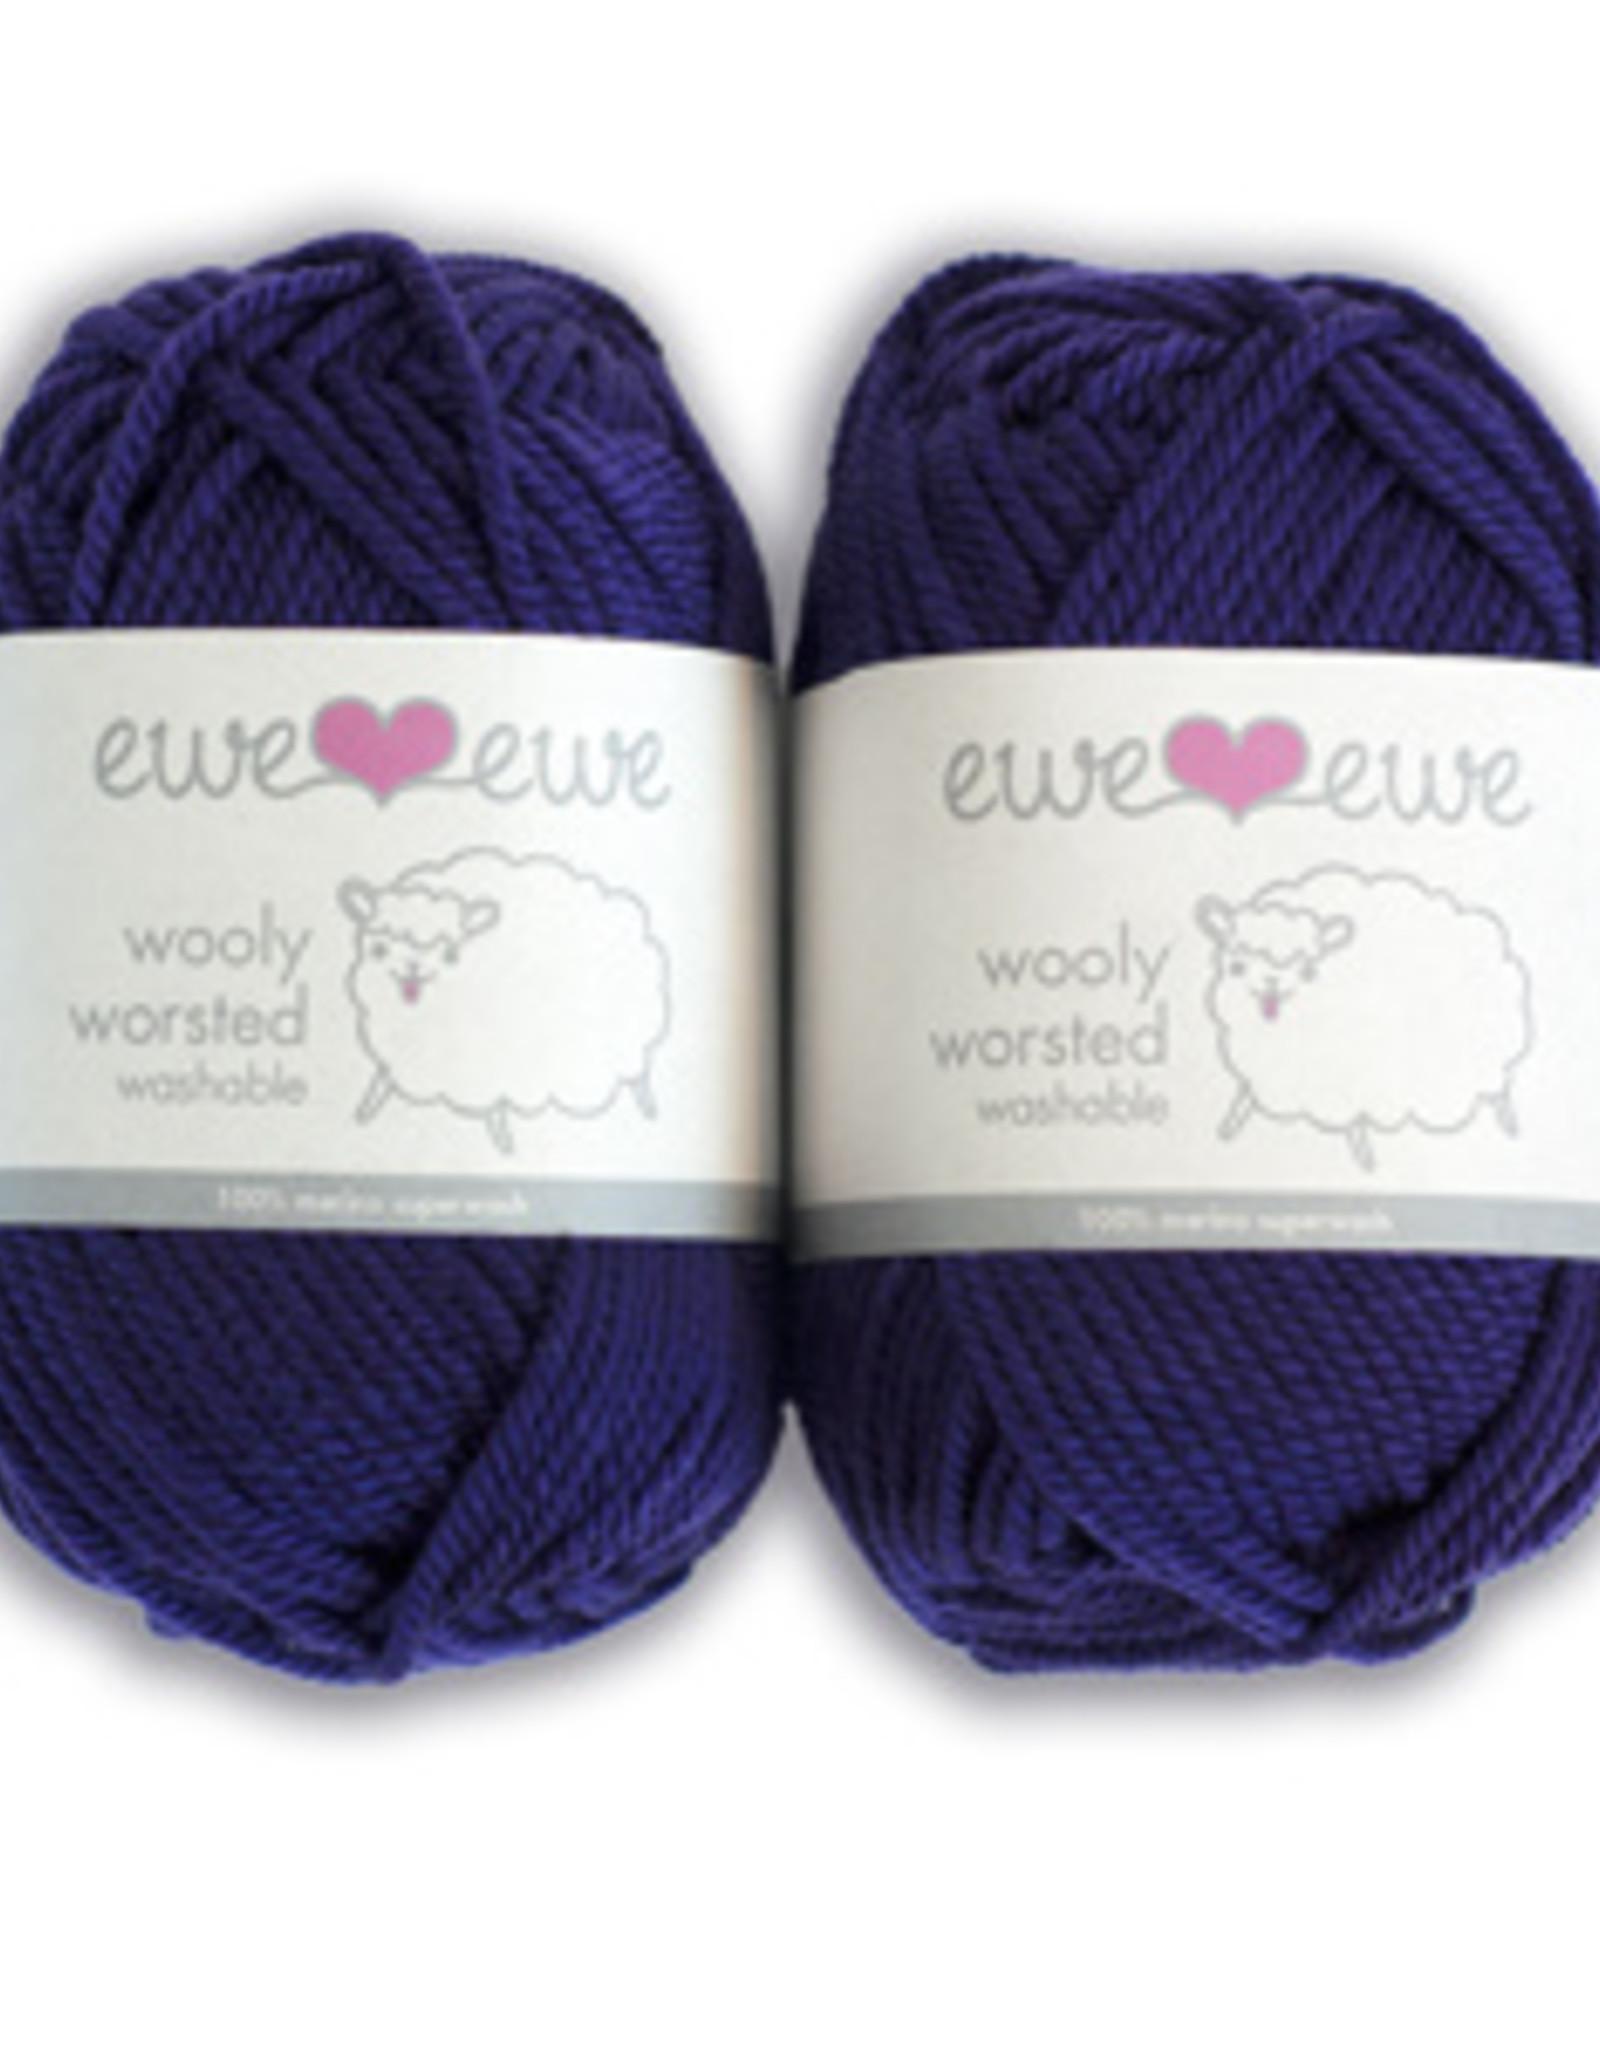 Ewe Ewe Wooly Worsted by Ewe Ewe Yarns Set 2